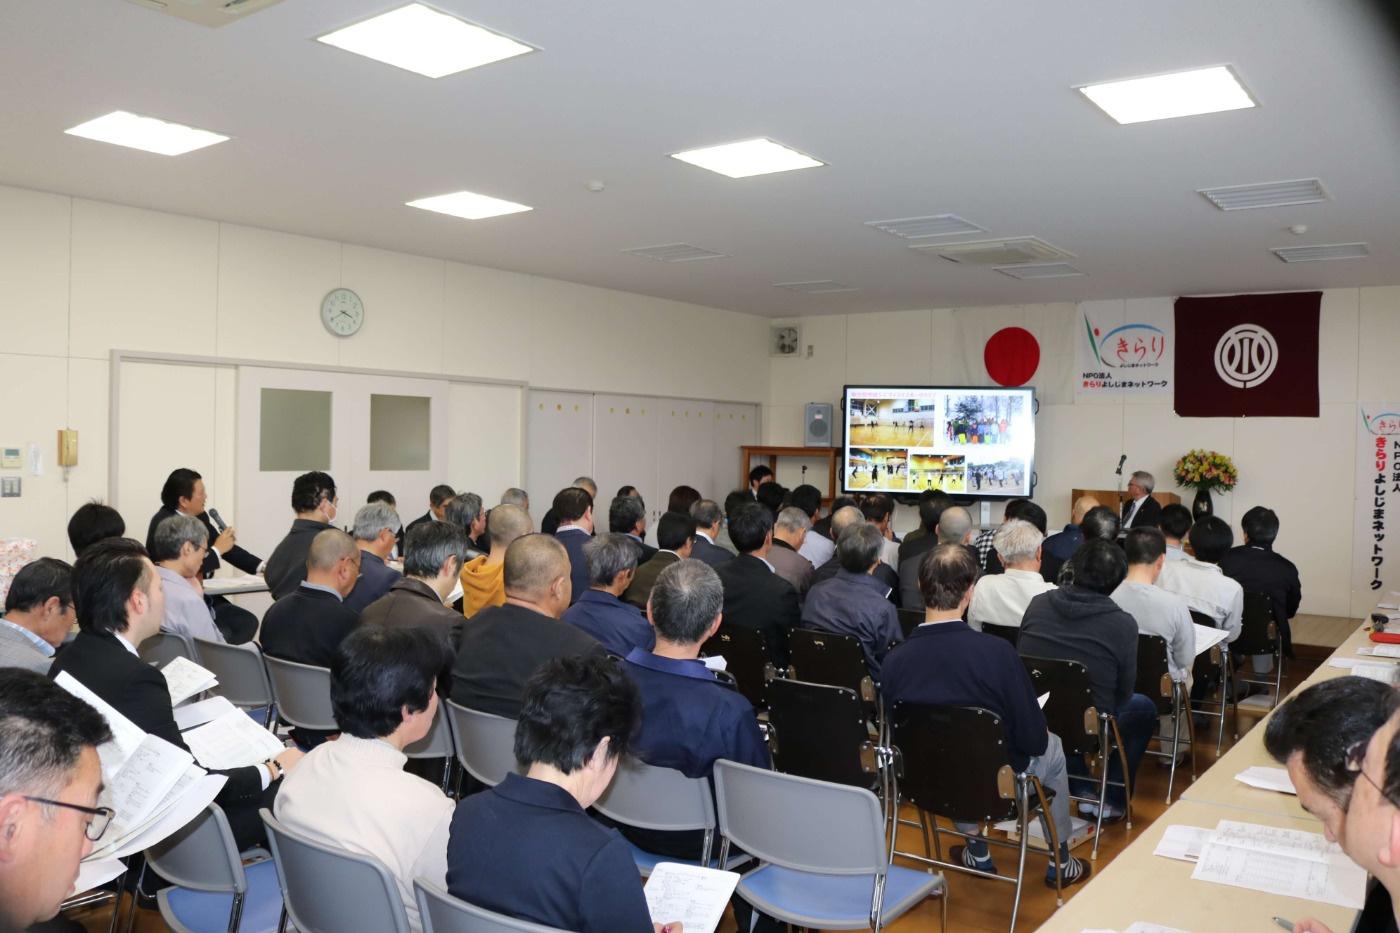 吉島地区各種団体並びにきらりよしじまネットワーク総会の様子